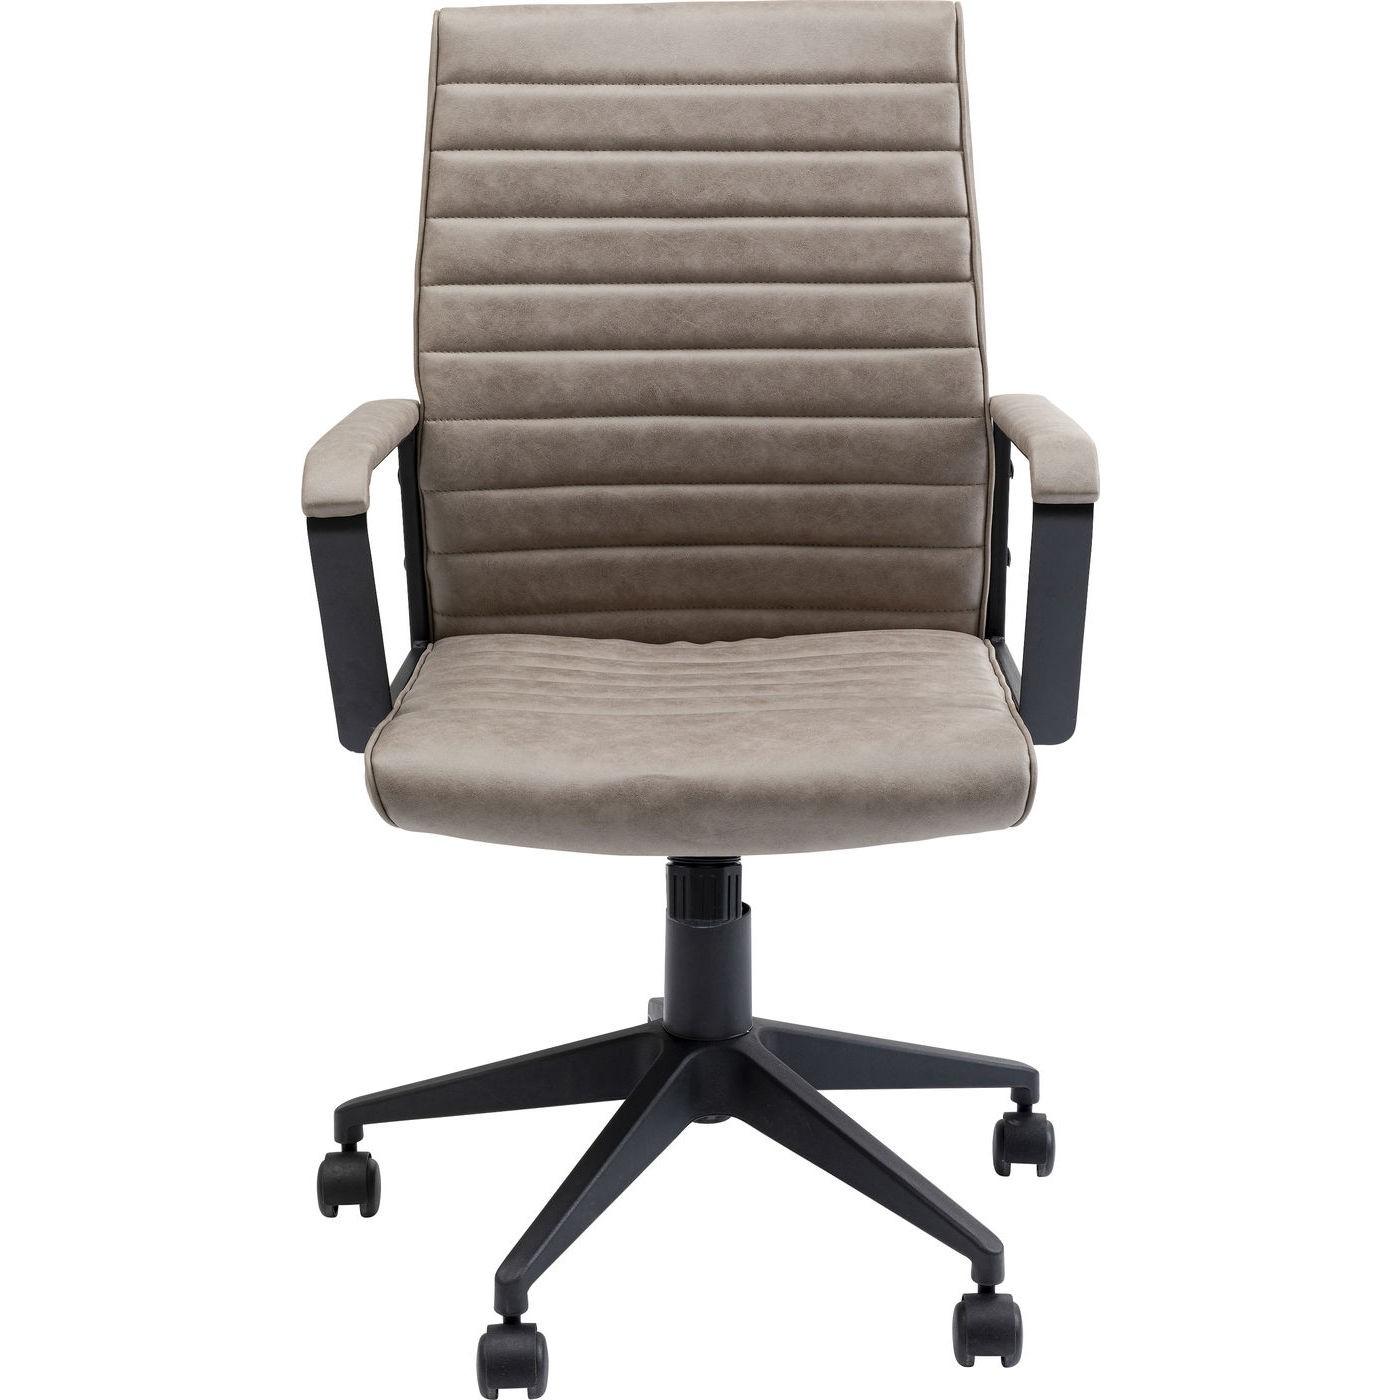 Chaise de bureau pivotante réglable à roulettes taupe